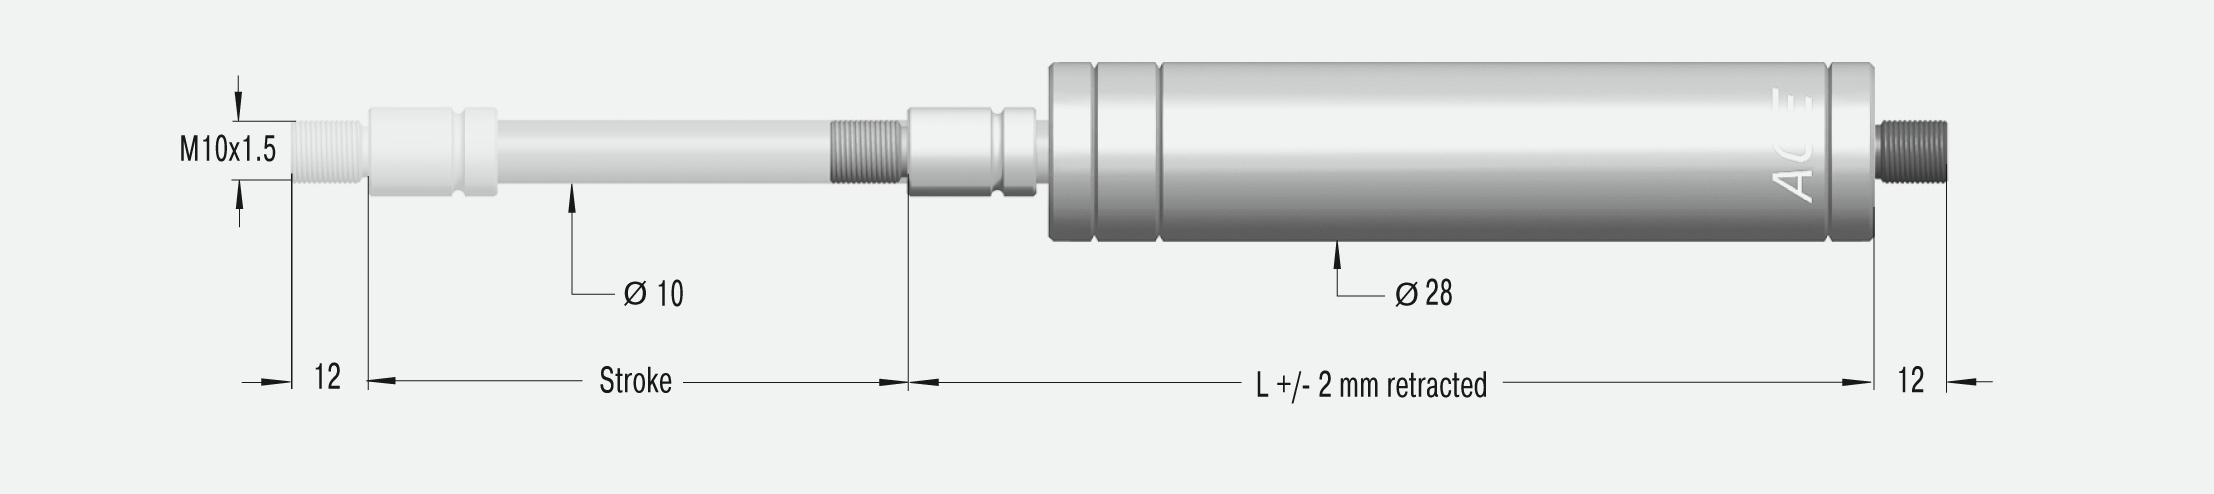 GZ-28-500-VA